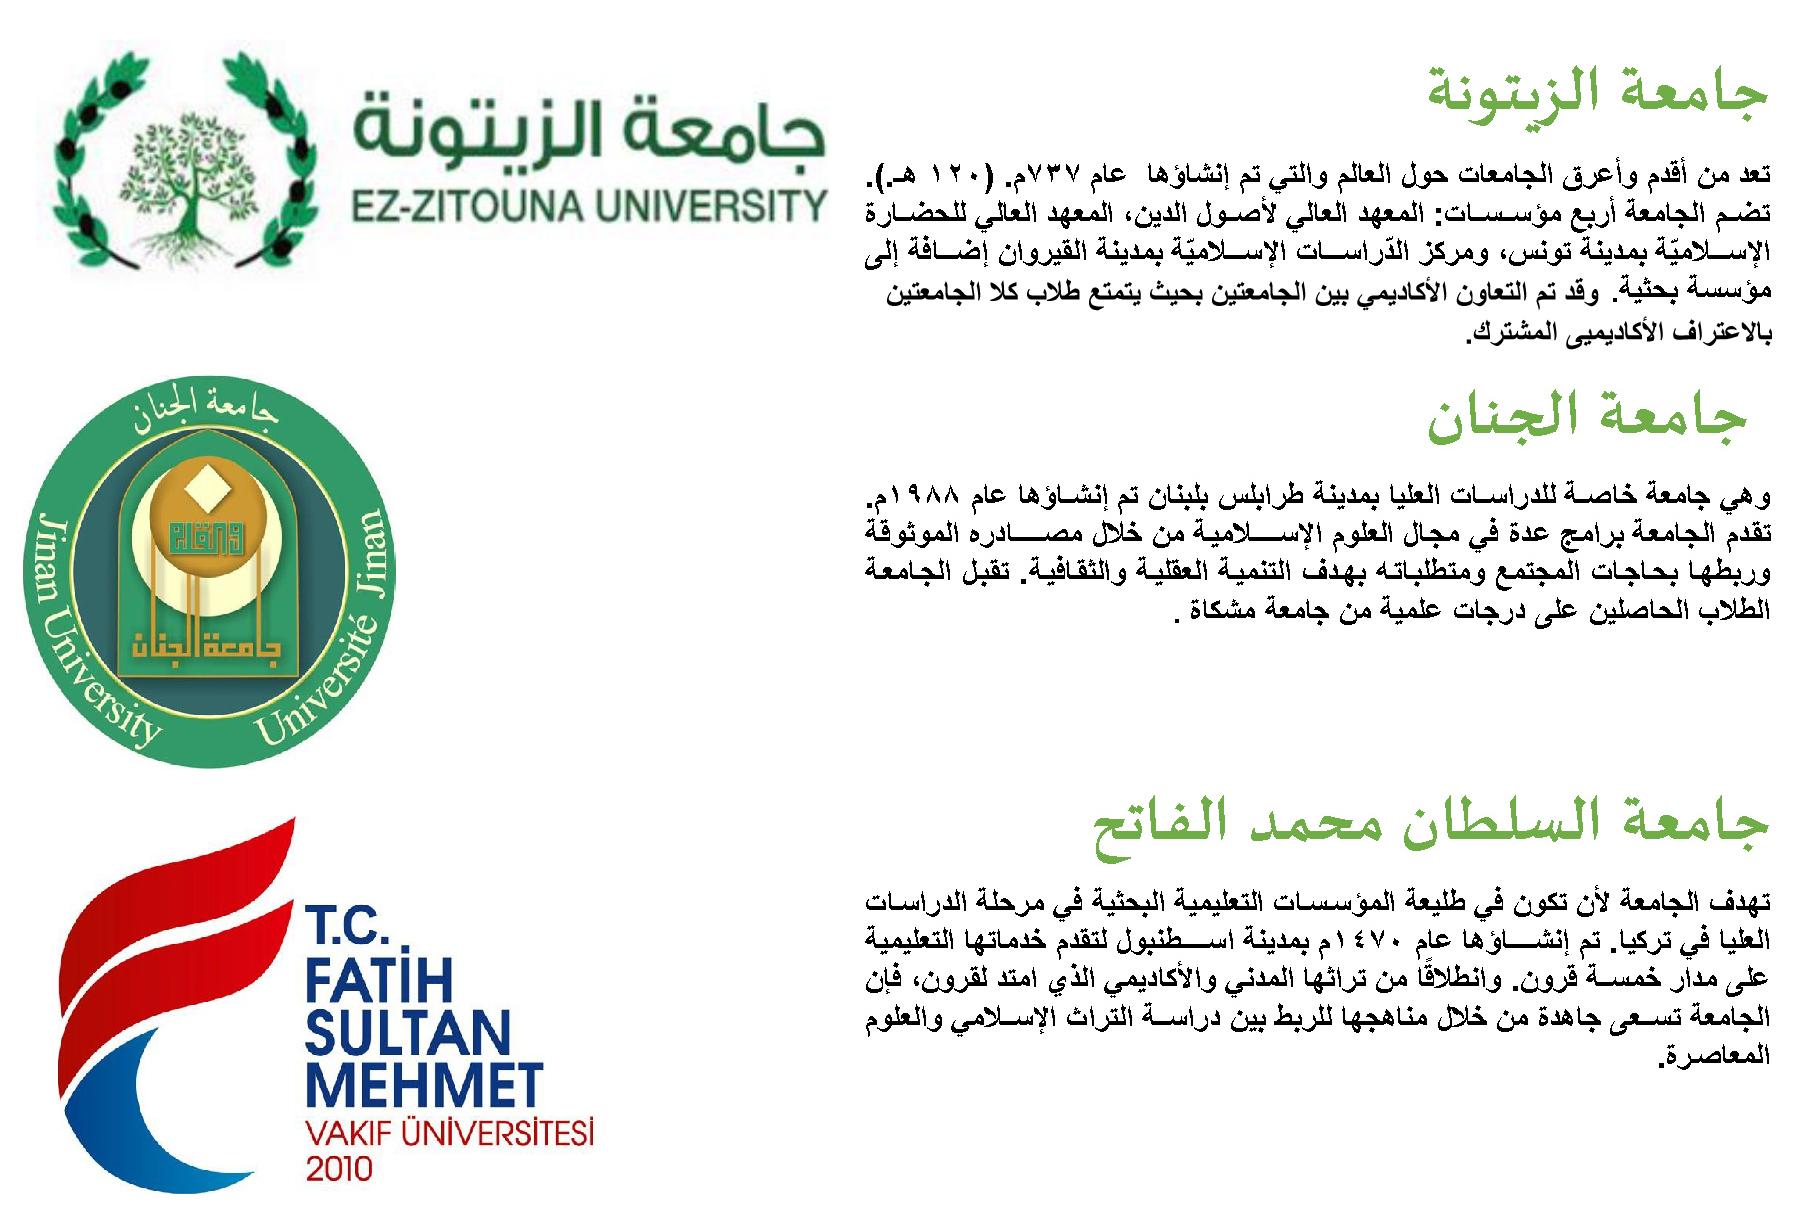 الاتفاقيات المبرمة مع الجامعات الأخرى